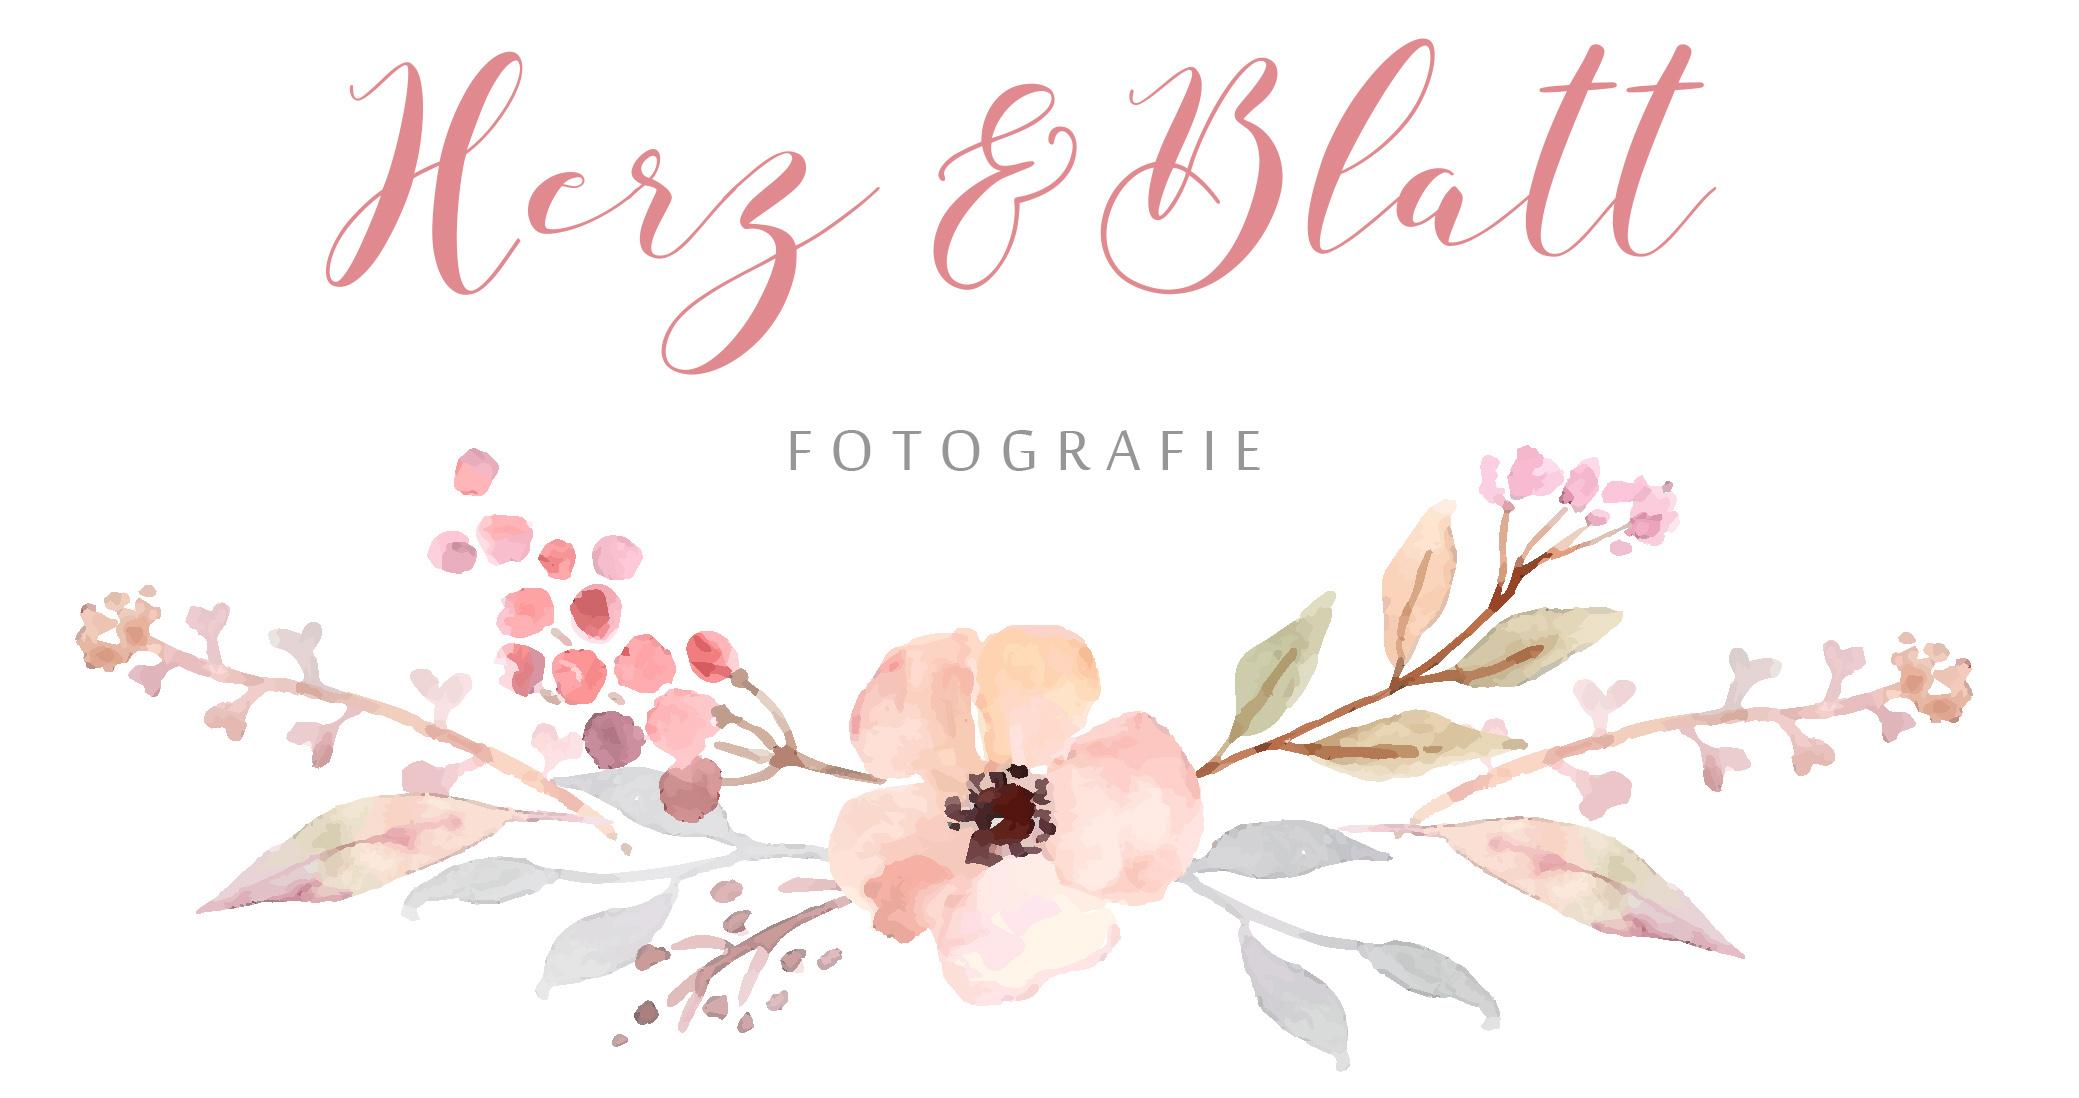 Herz & Blatt Fotografie – Foto für Hochzeit, Paare und Portrait